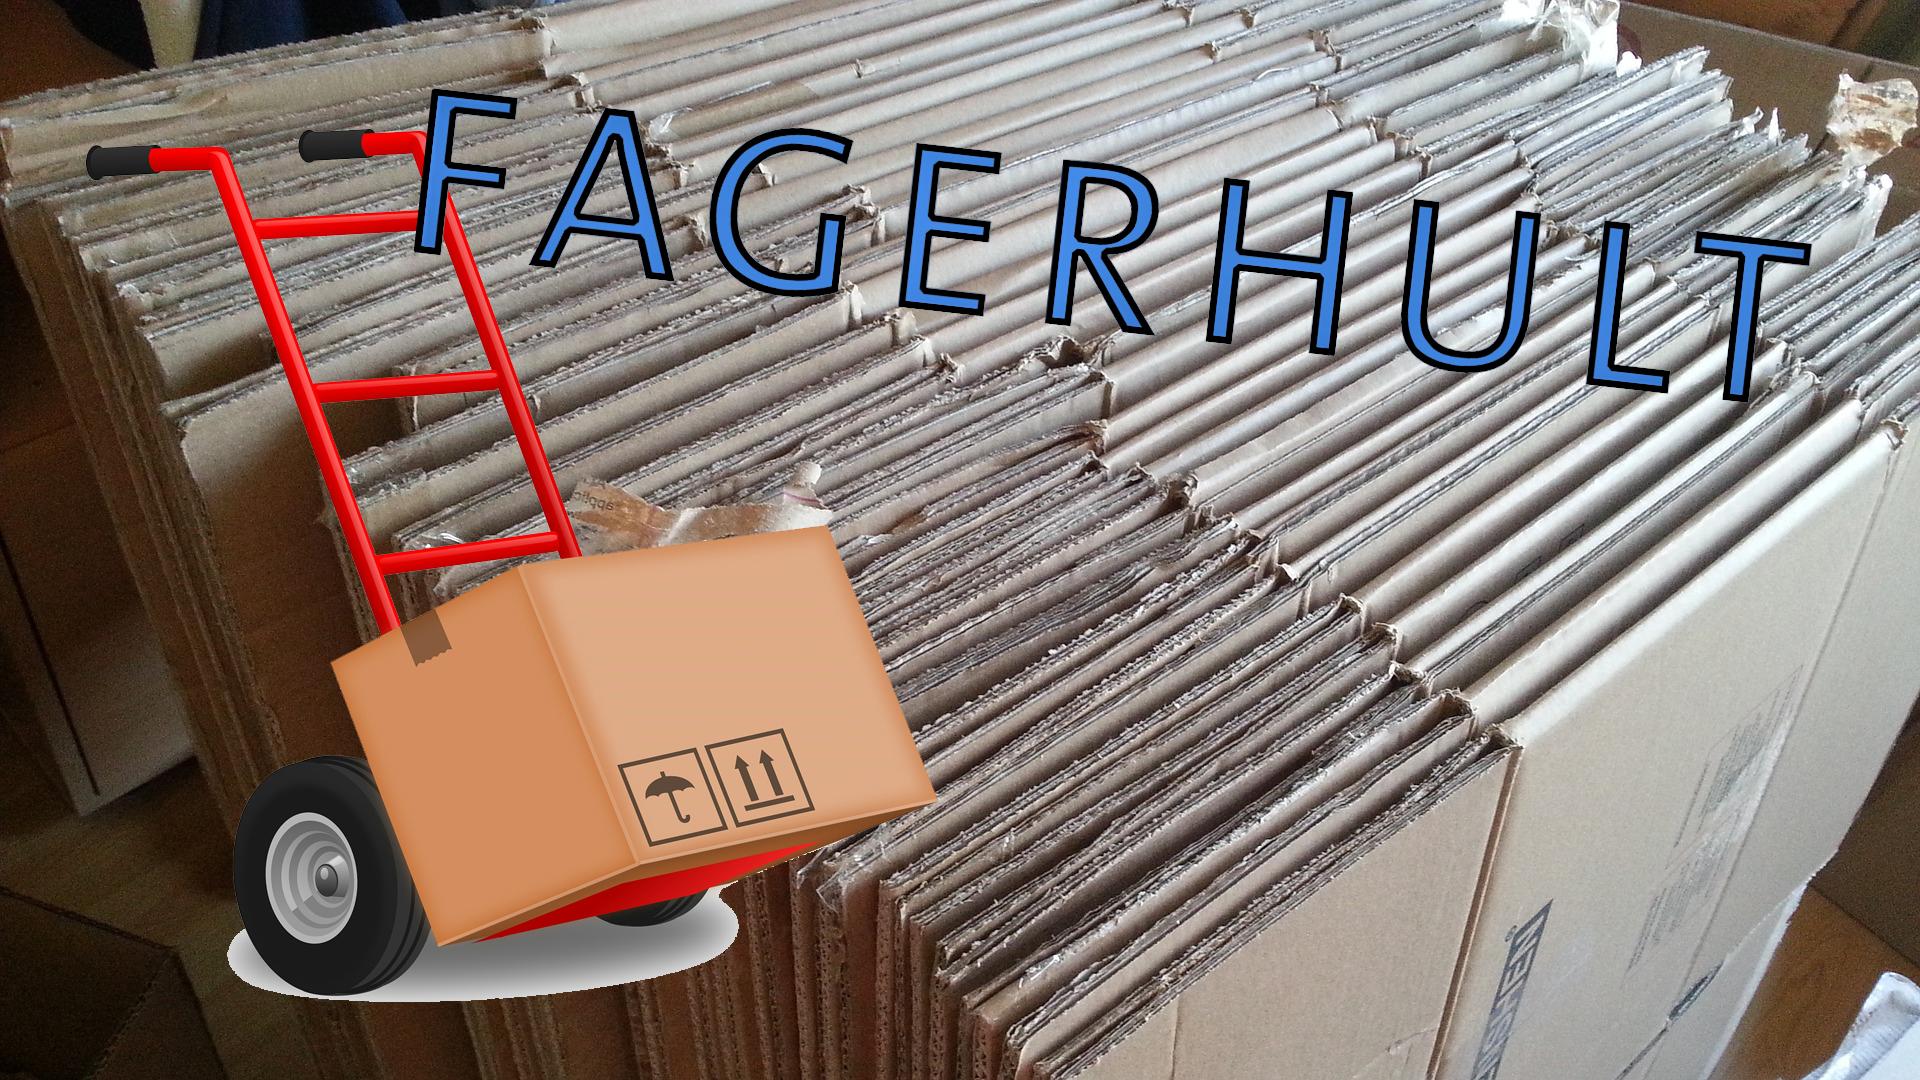 Bilden föreställer Fagerhults logotyp och en tecknad flyttkärra, monterade över ett foto på en samling ihopvikta flyttkartonger.